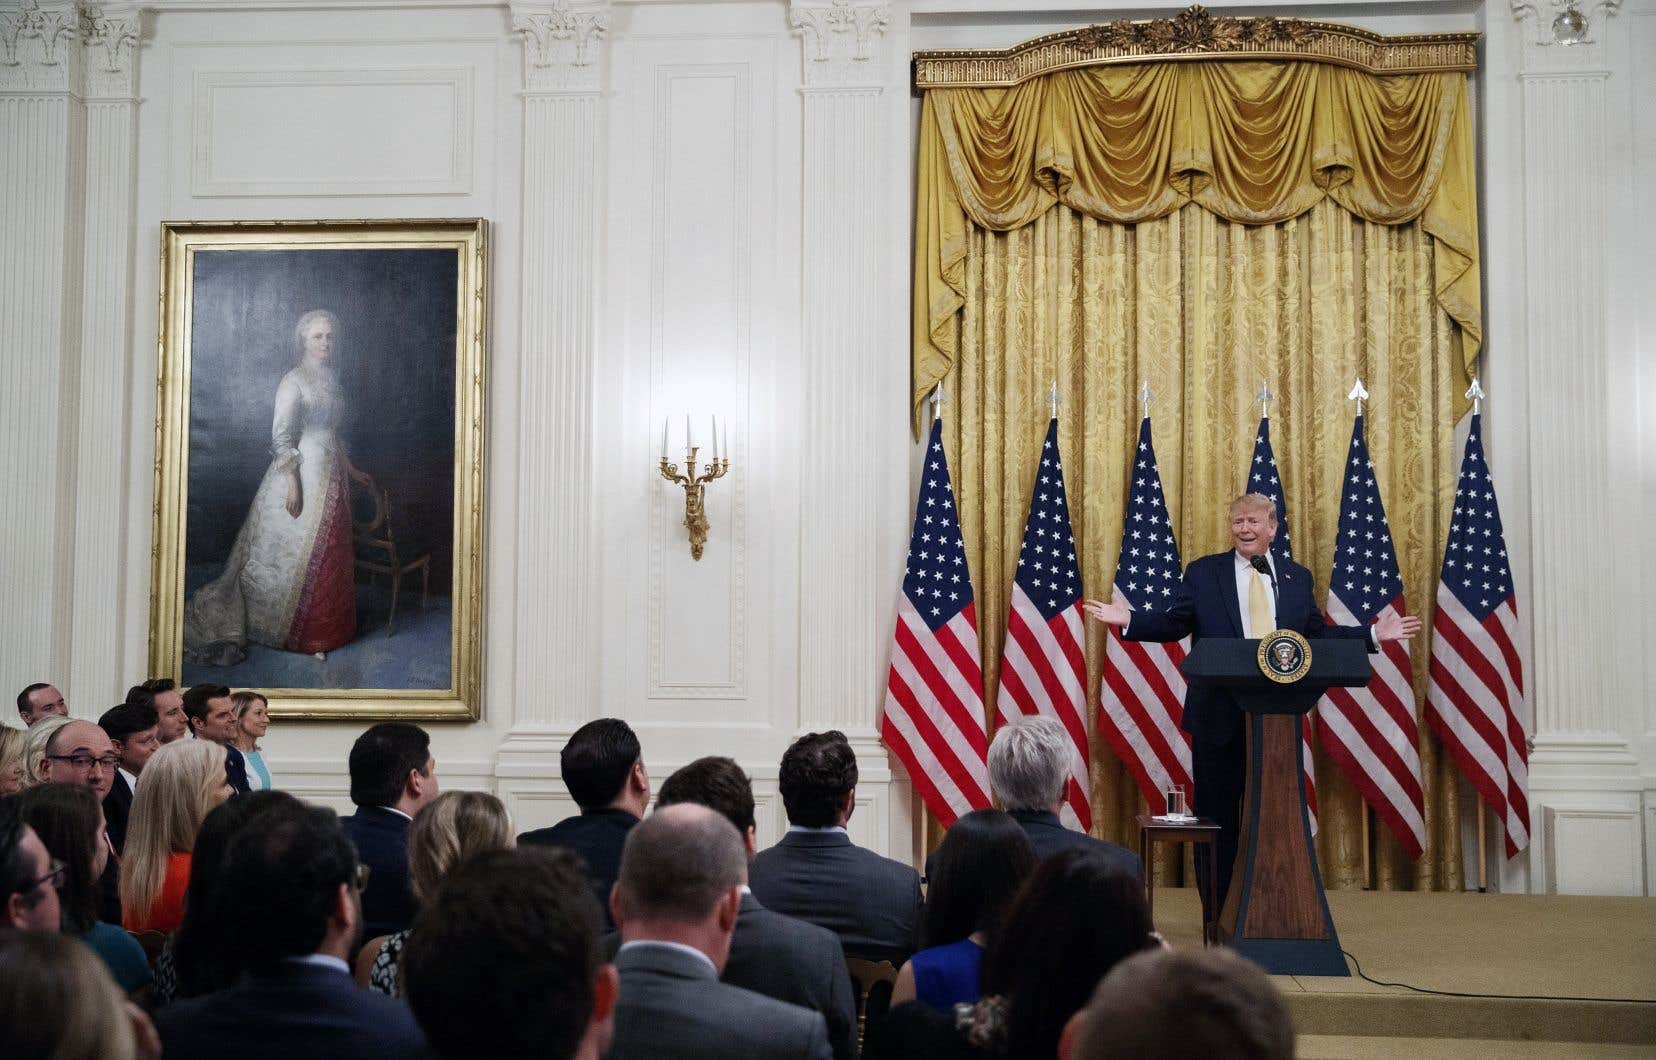 Pour son sommet présidentiel sur les réseaux sociaux, Donald Trump a rassemblé dans un salon de la Maison-Blanche plusieurs organisations conservatrices qui déplorent régulièrement d'être censurées sur les plateformes en ligne.